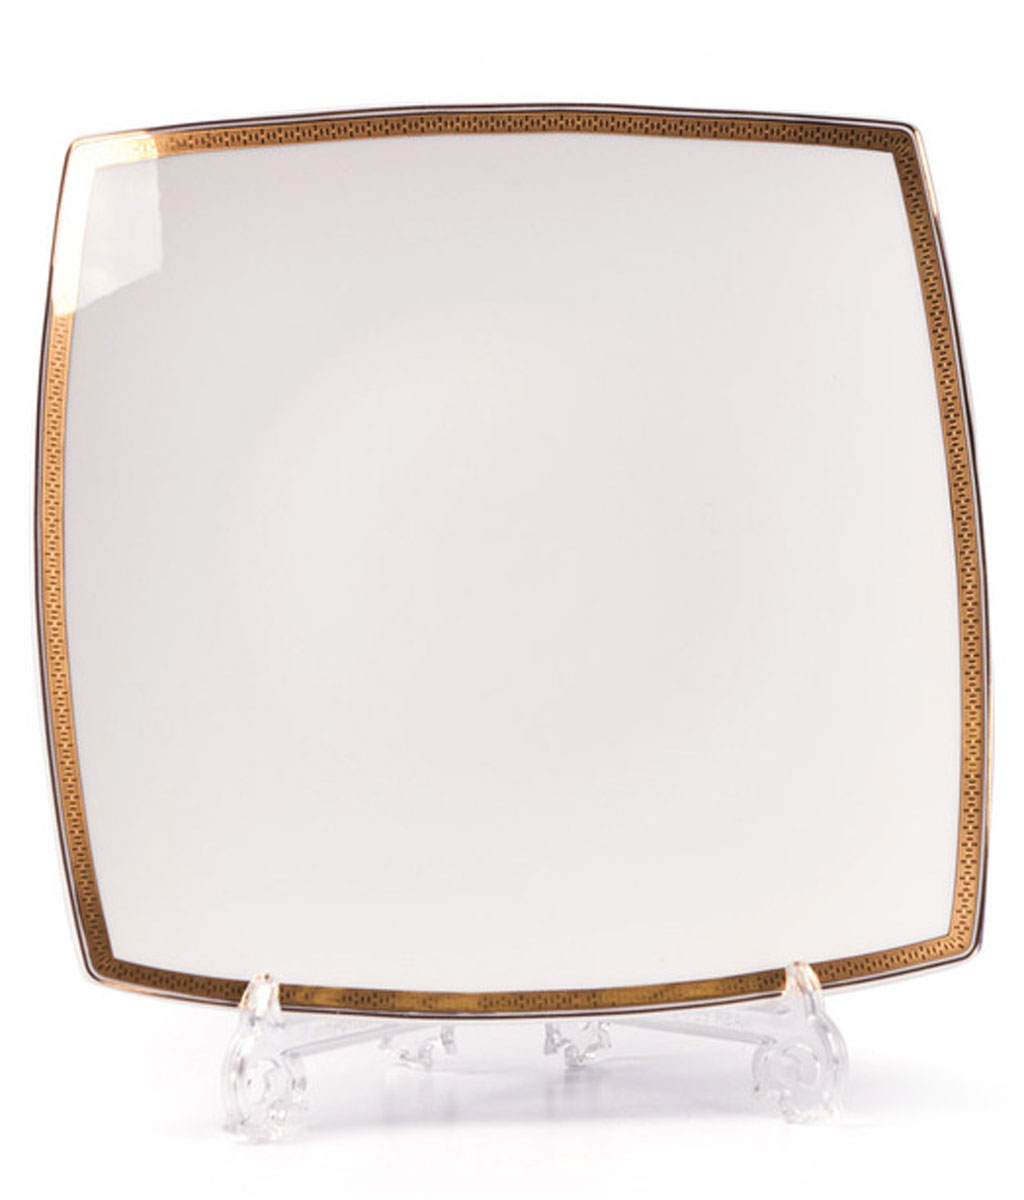 Kyoto 1555 набор тарелок для десерта, 6 шт/уп, цвет: белый с золотомFS-91909В наборе тарелка 22 см 6 штук Материал: фарфор: цвет: белый с золотомСерия: KYOTO